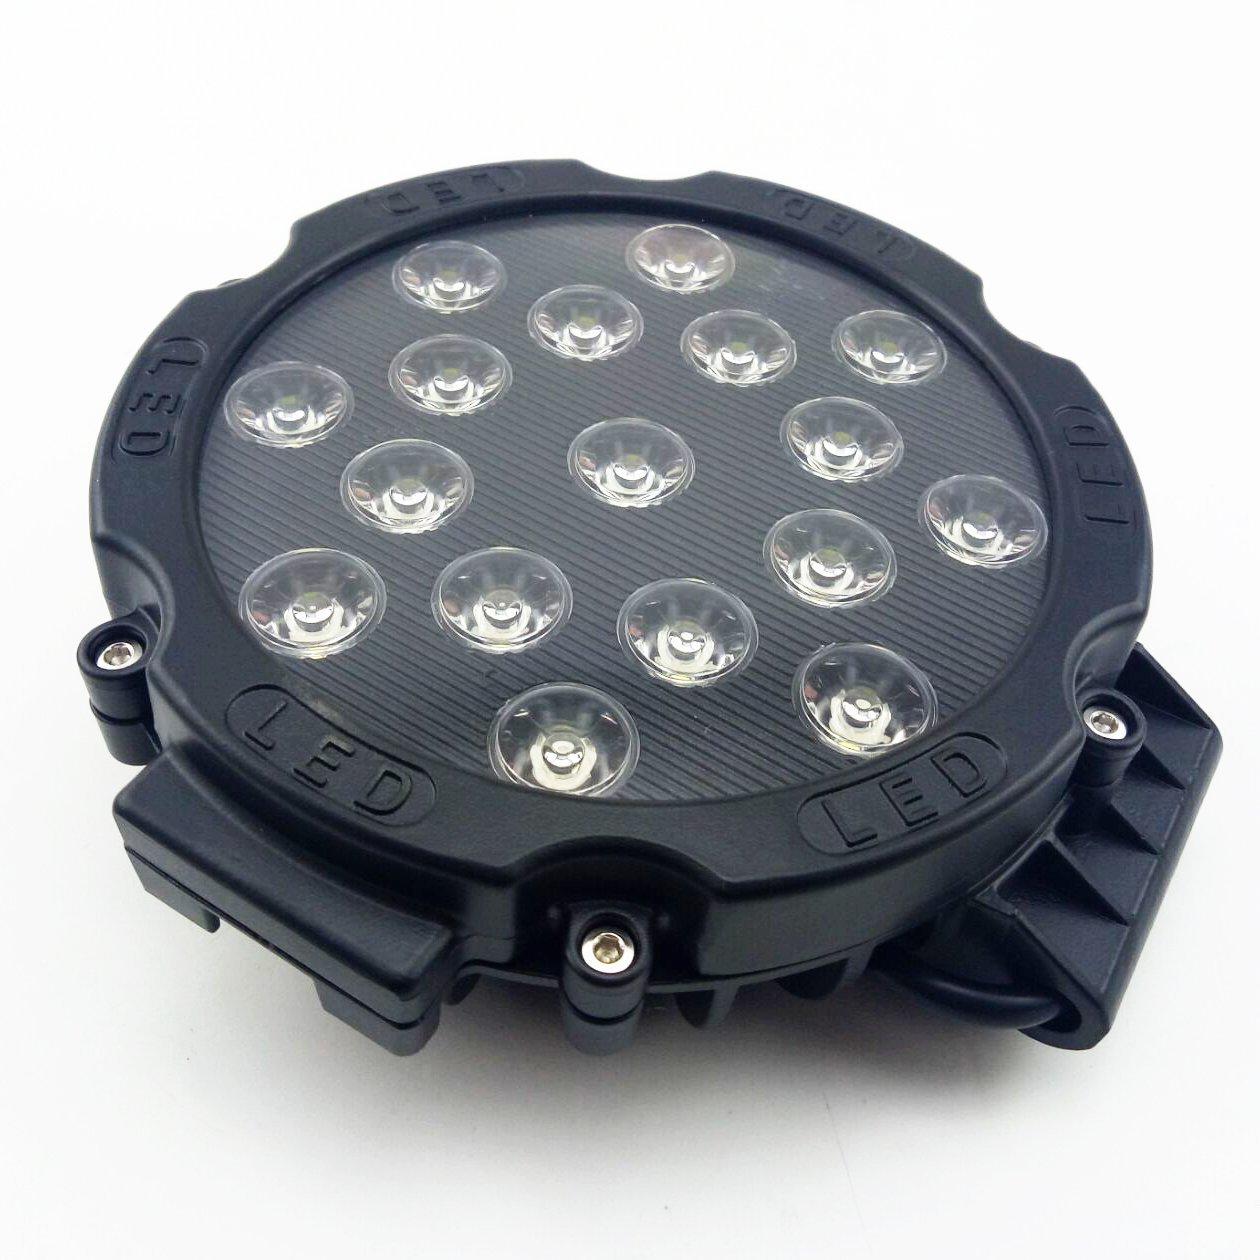 Anzene 51w Jeep Lampe für SUV Dach Stoßstange Klemmplatte auf ...